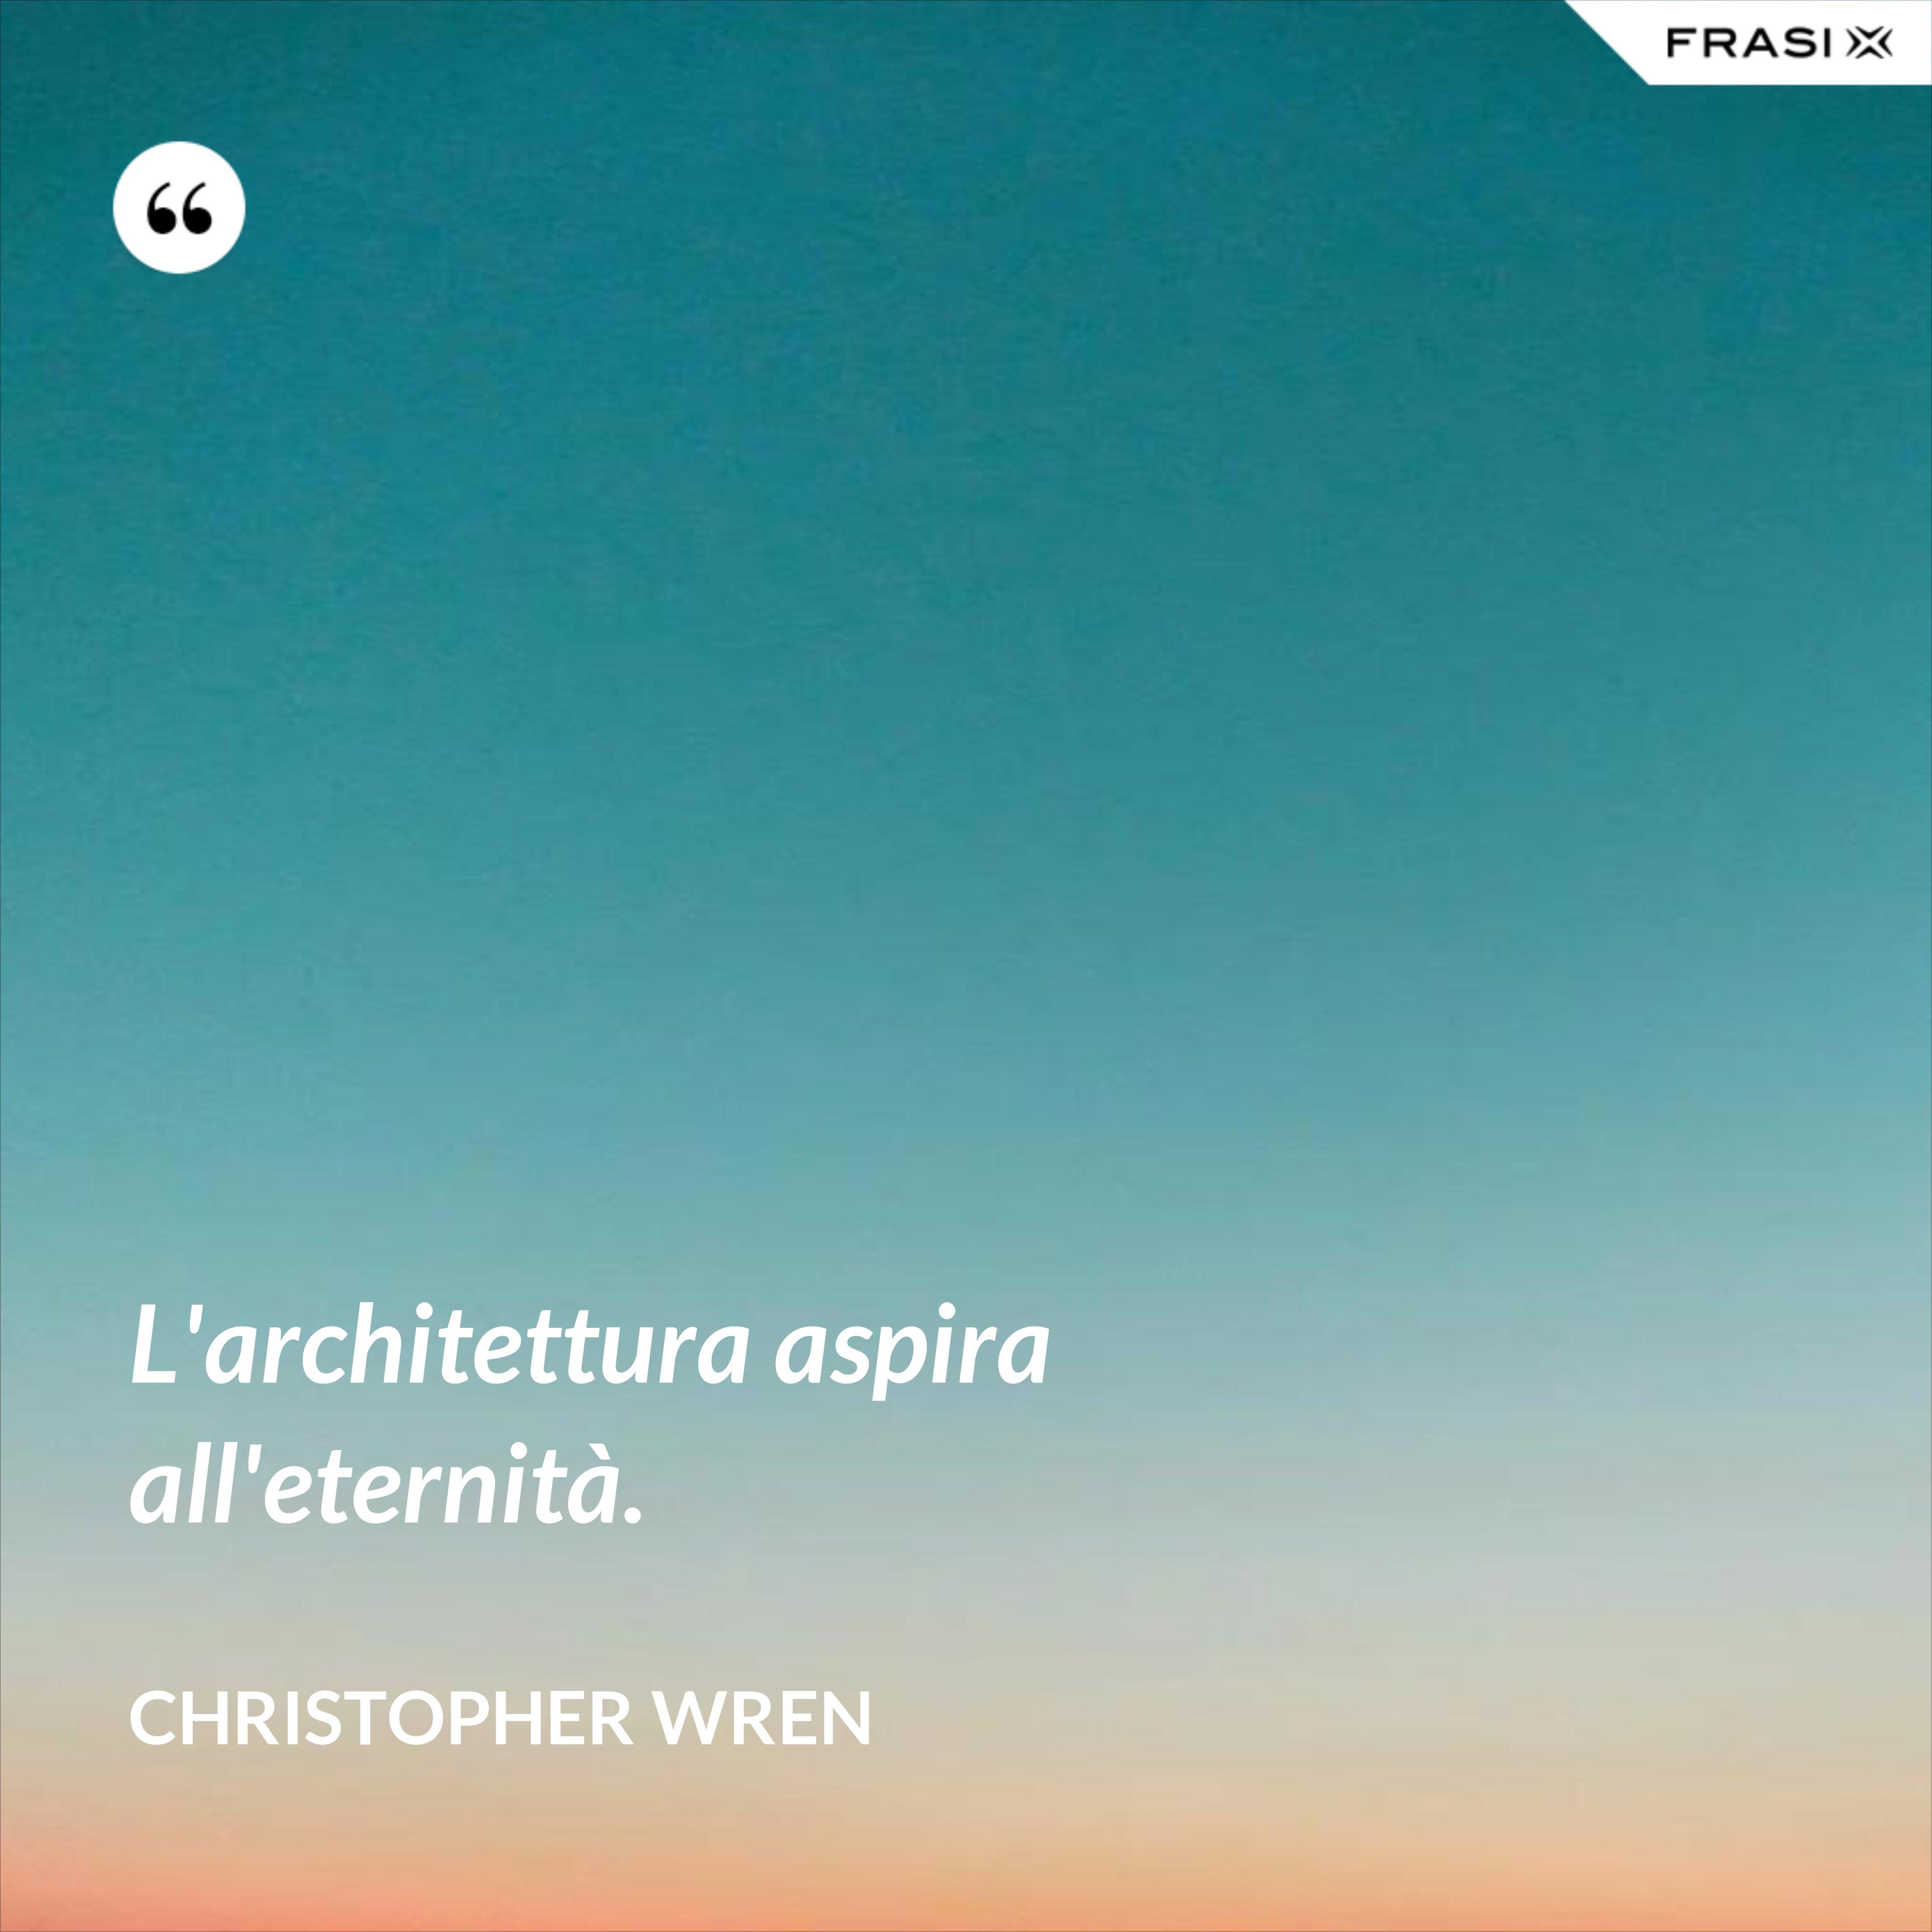 L'architettura aspira all'eternità. - Christopher Wren